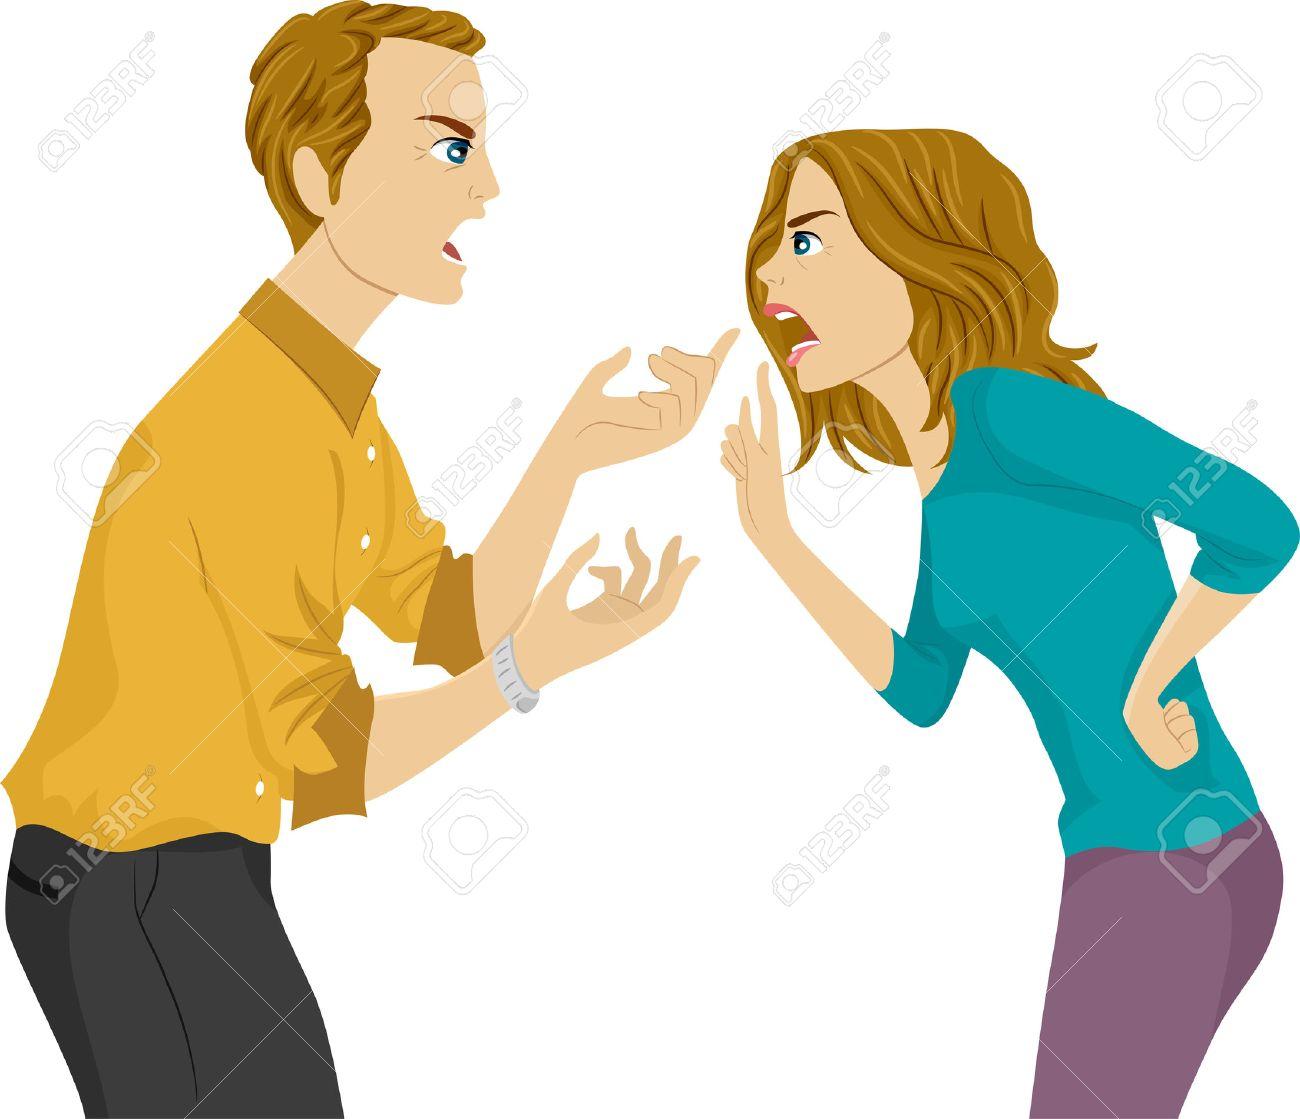 夫と妻の論争の図のイラスト素材・ベクタ - Image 29571705.